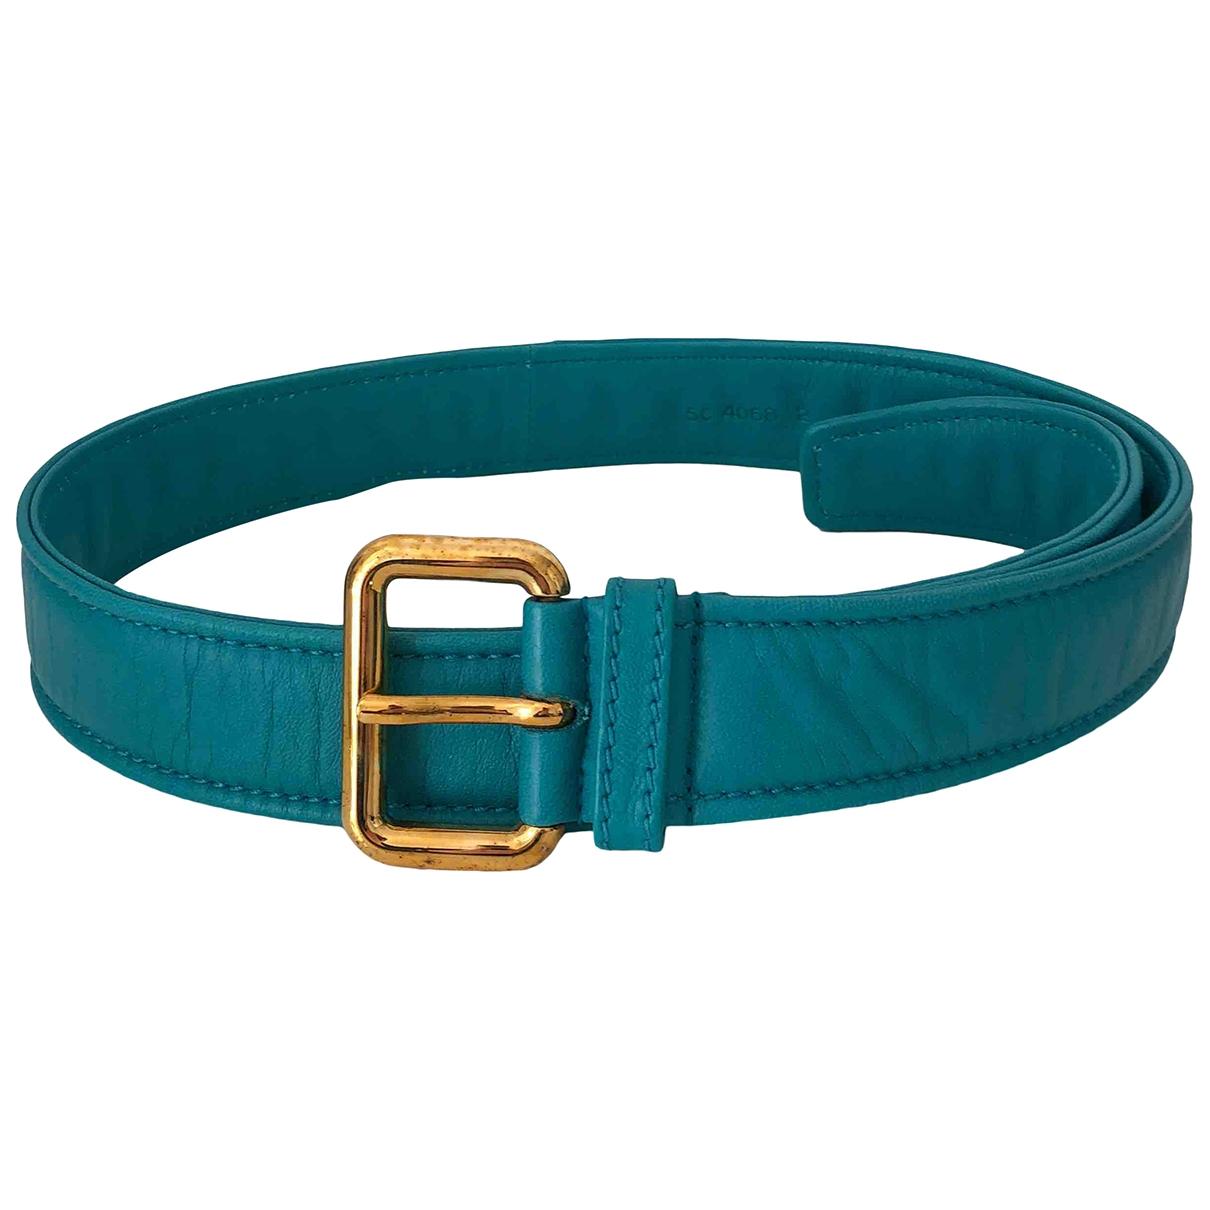 Cinturon de Cuero Miu Miu